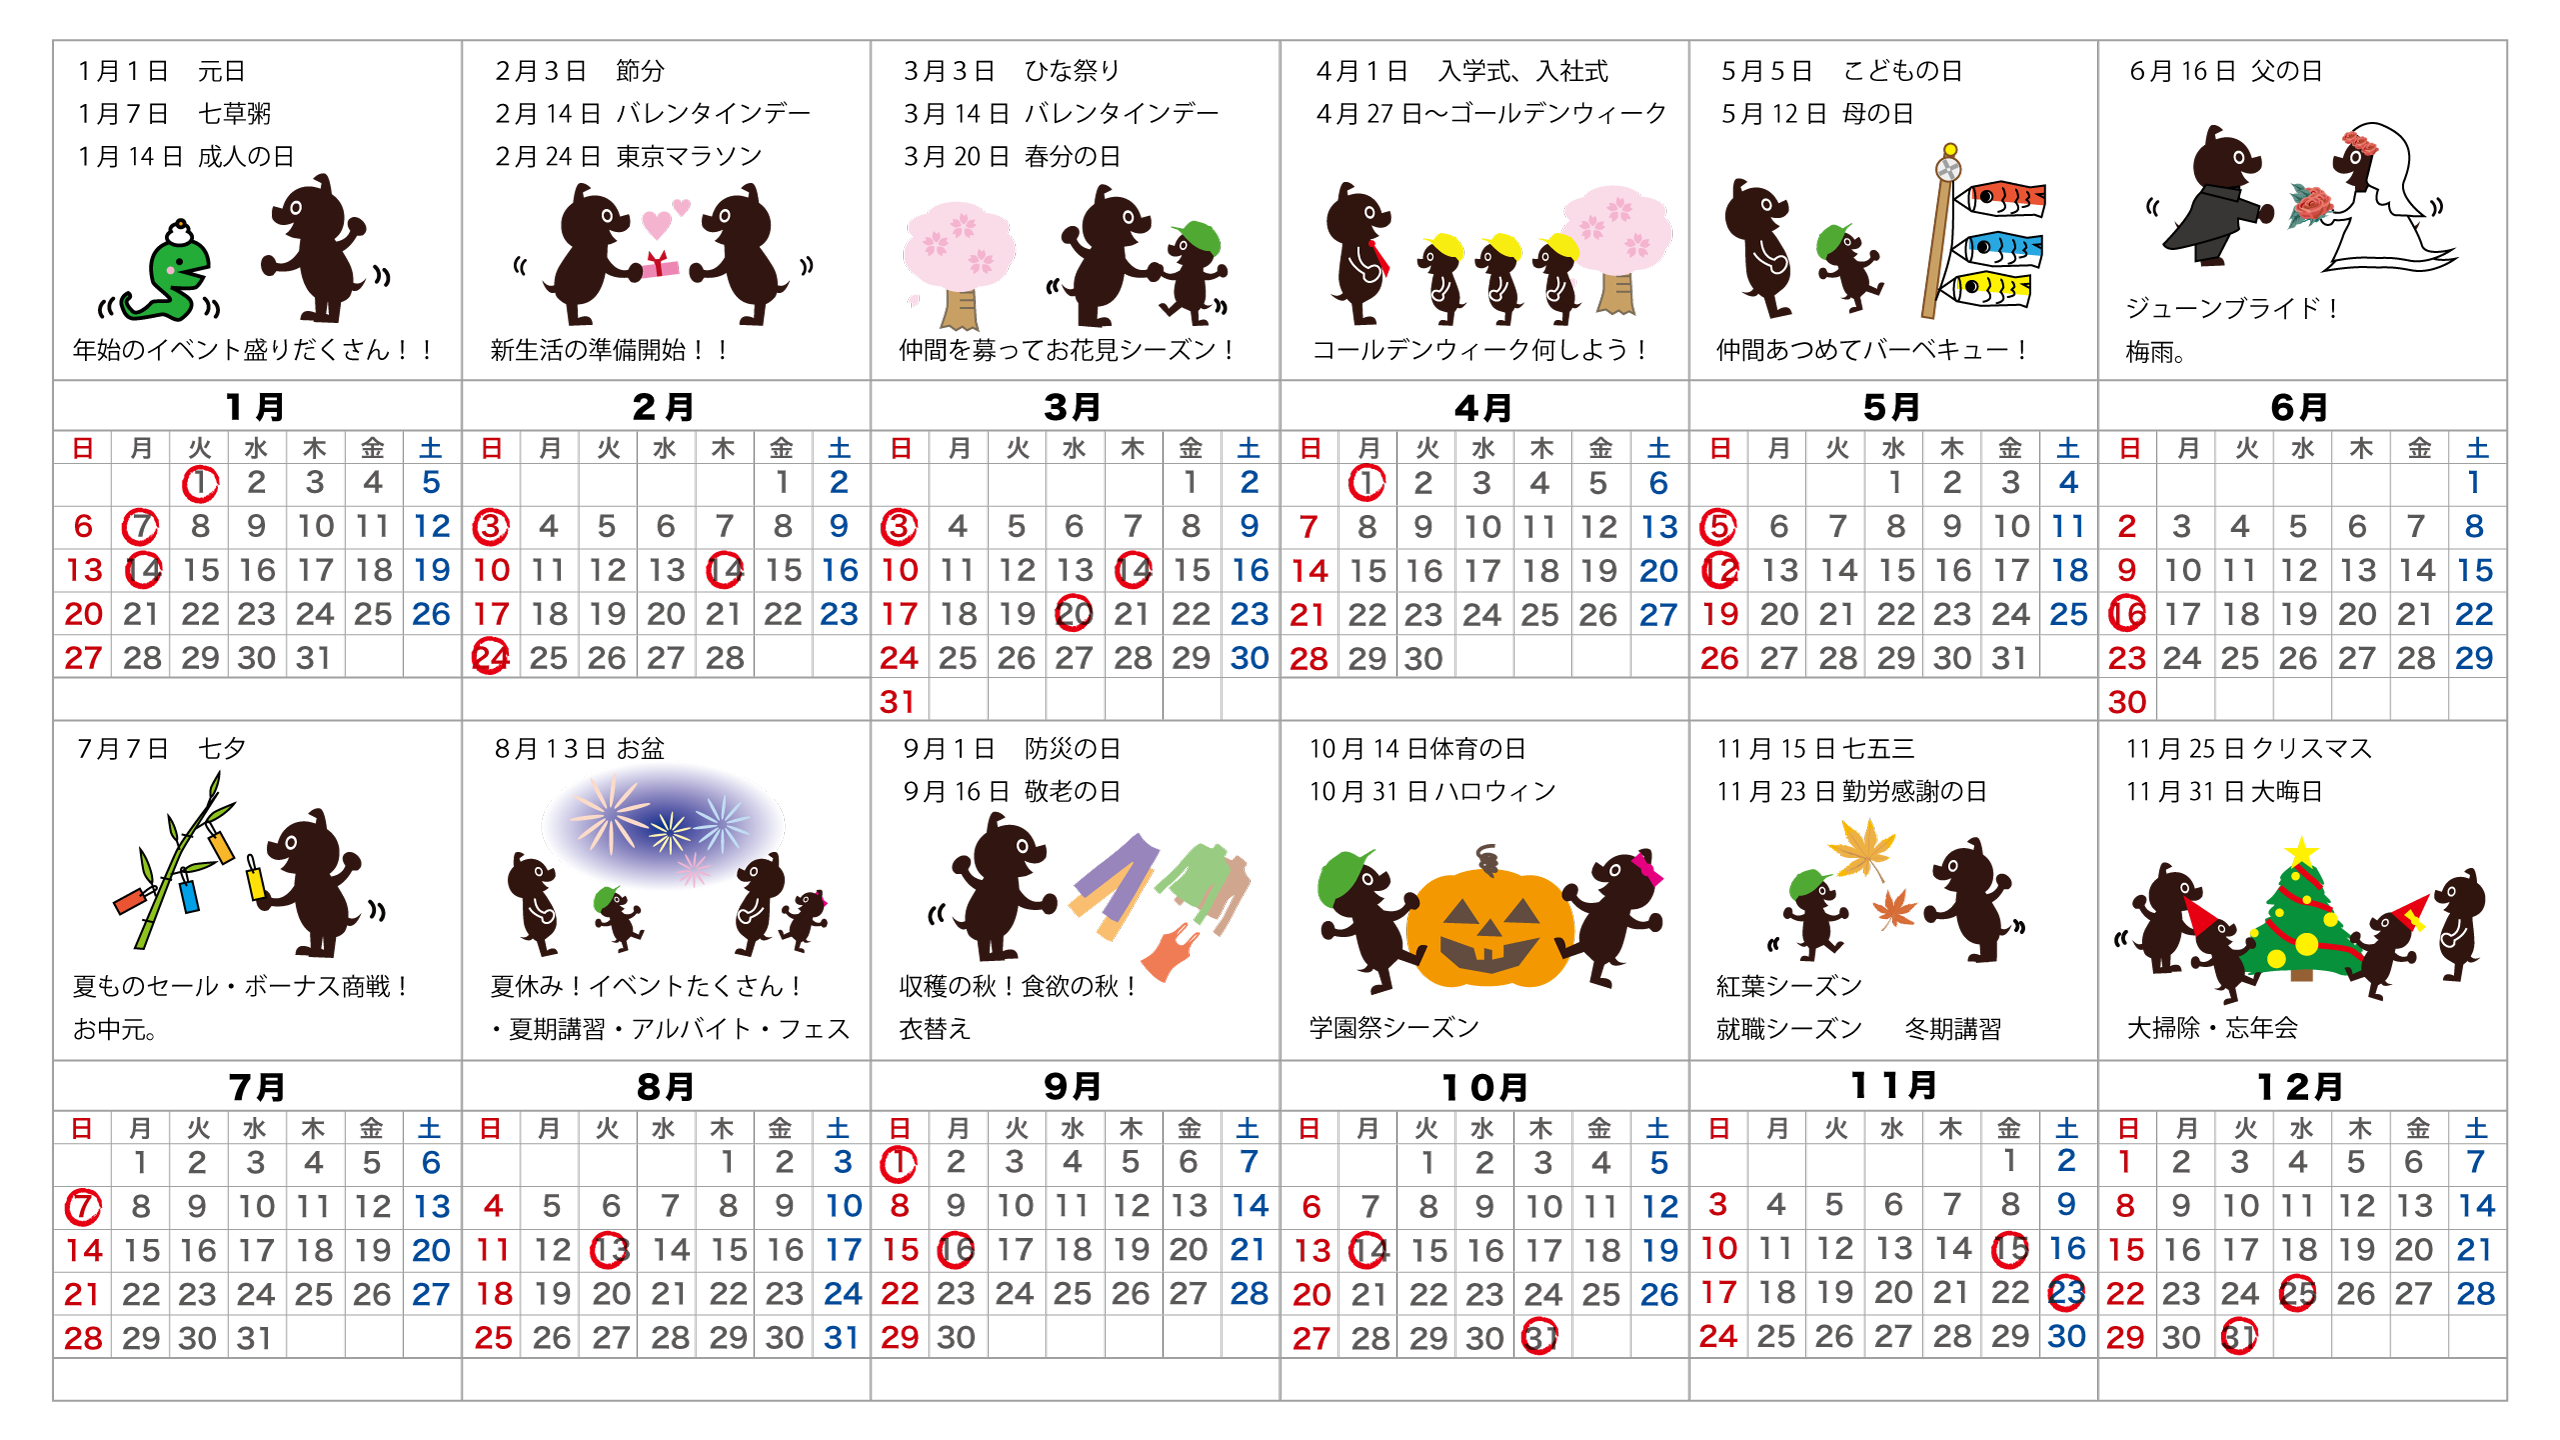 カレンダー カレンダー 2015 無料 : カレンダー壁紙(無料)2013 ...